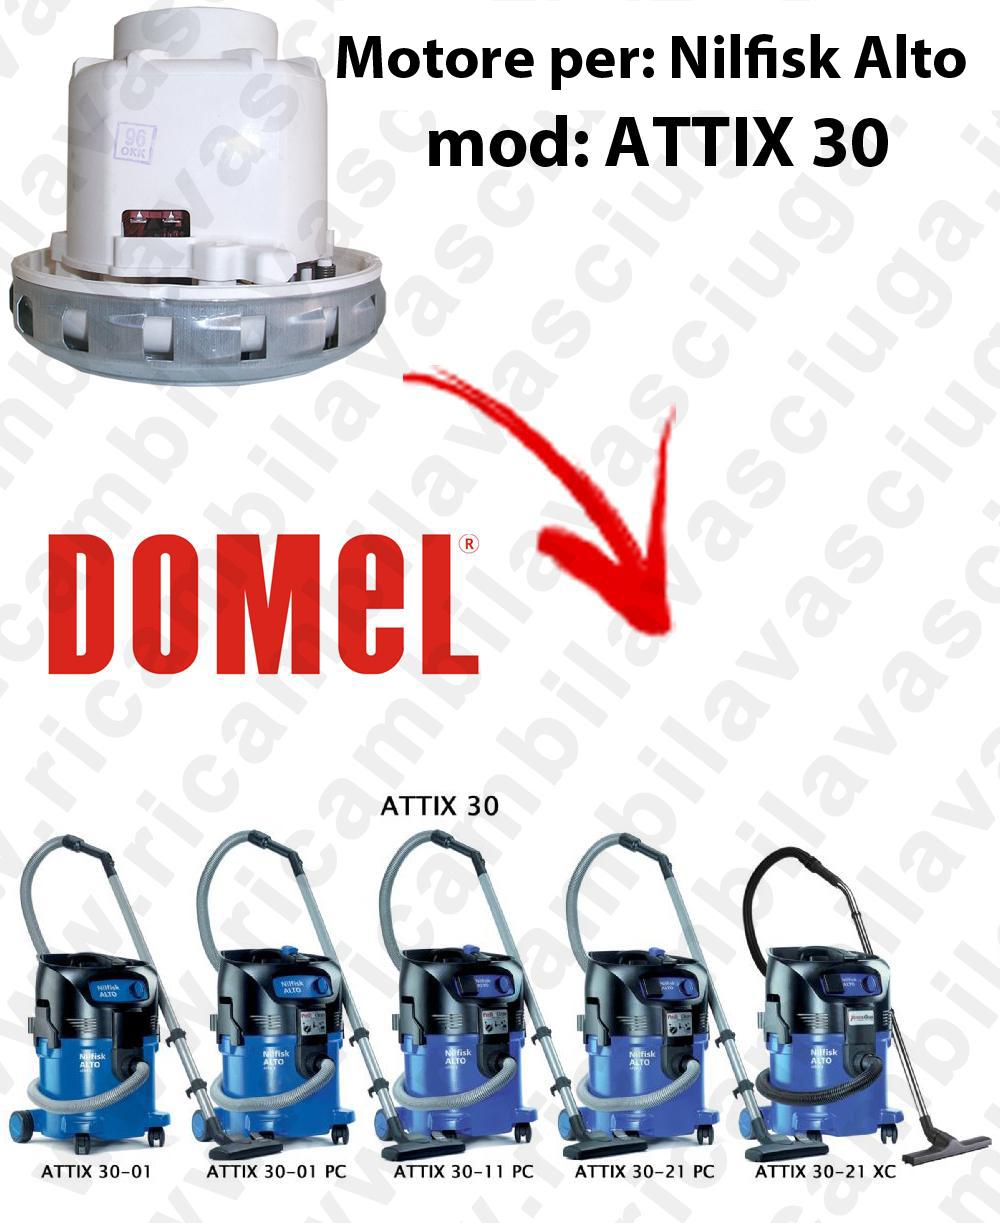 DOMEL VACUUM MOTOR for ATTIX 30 vacuum cleaner NILFISK ALTO